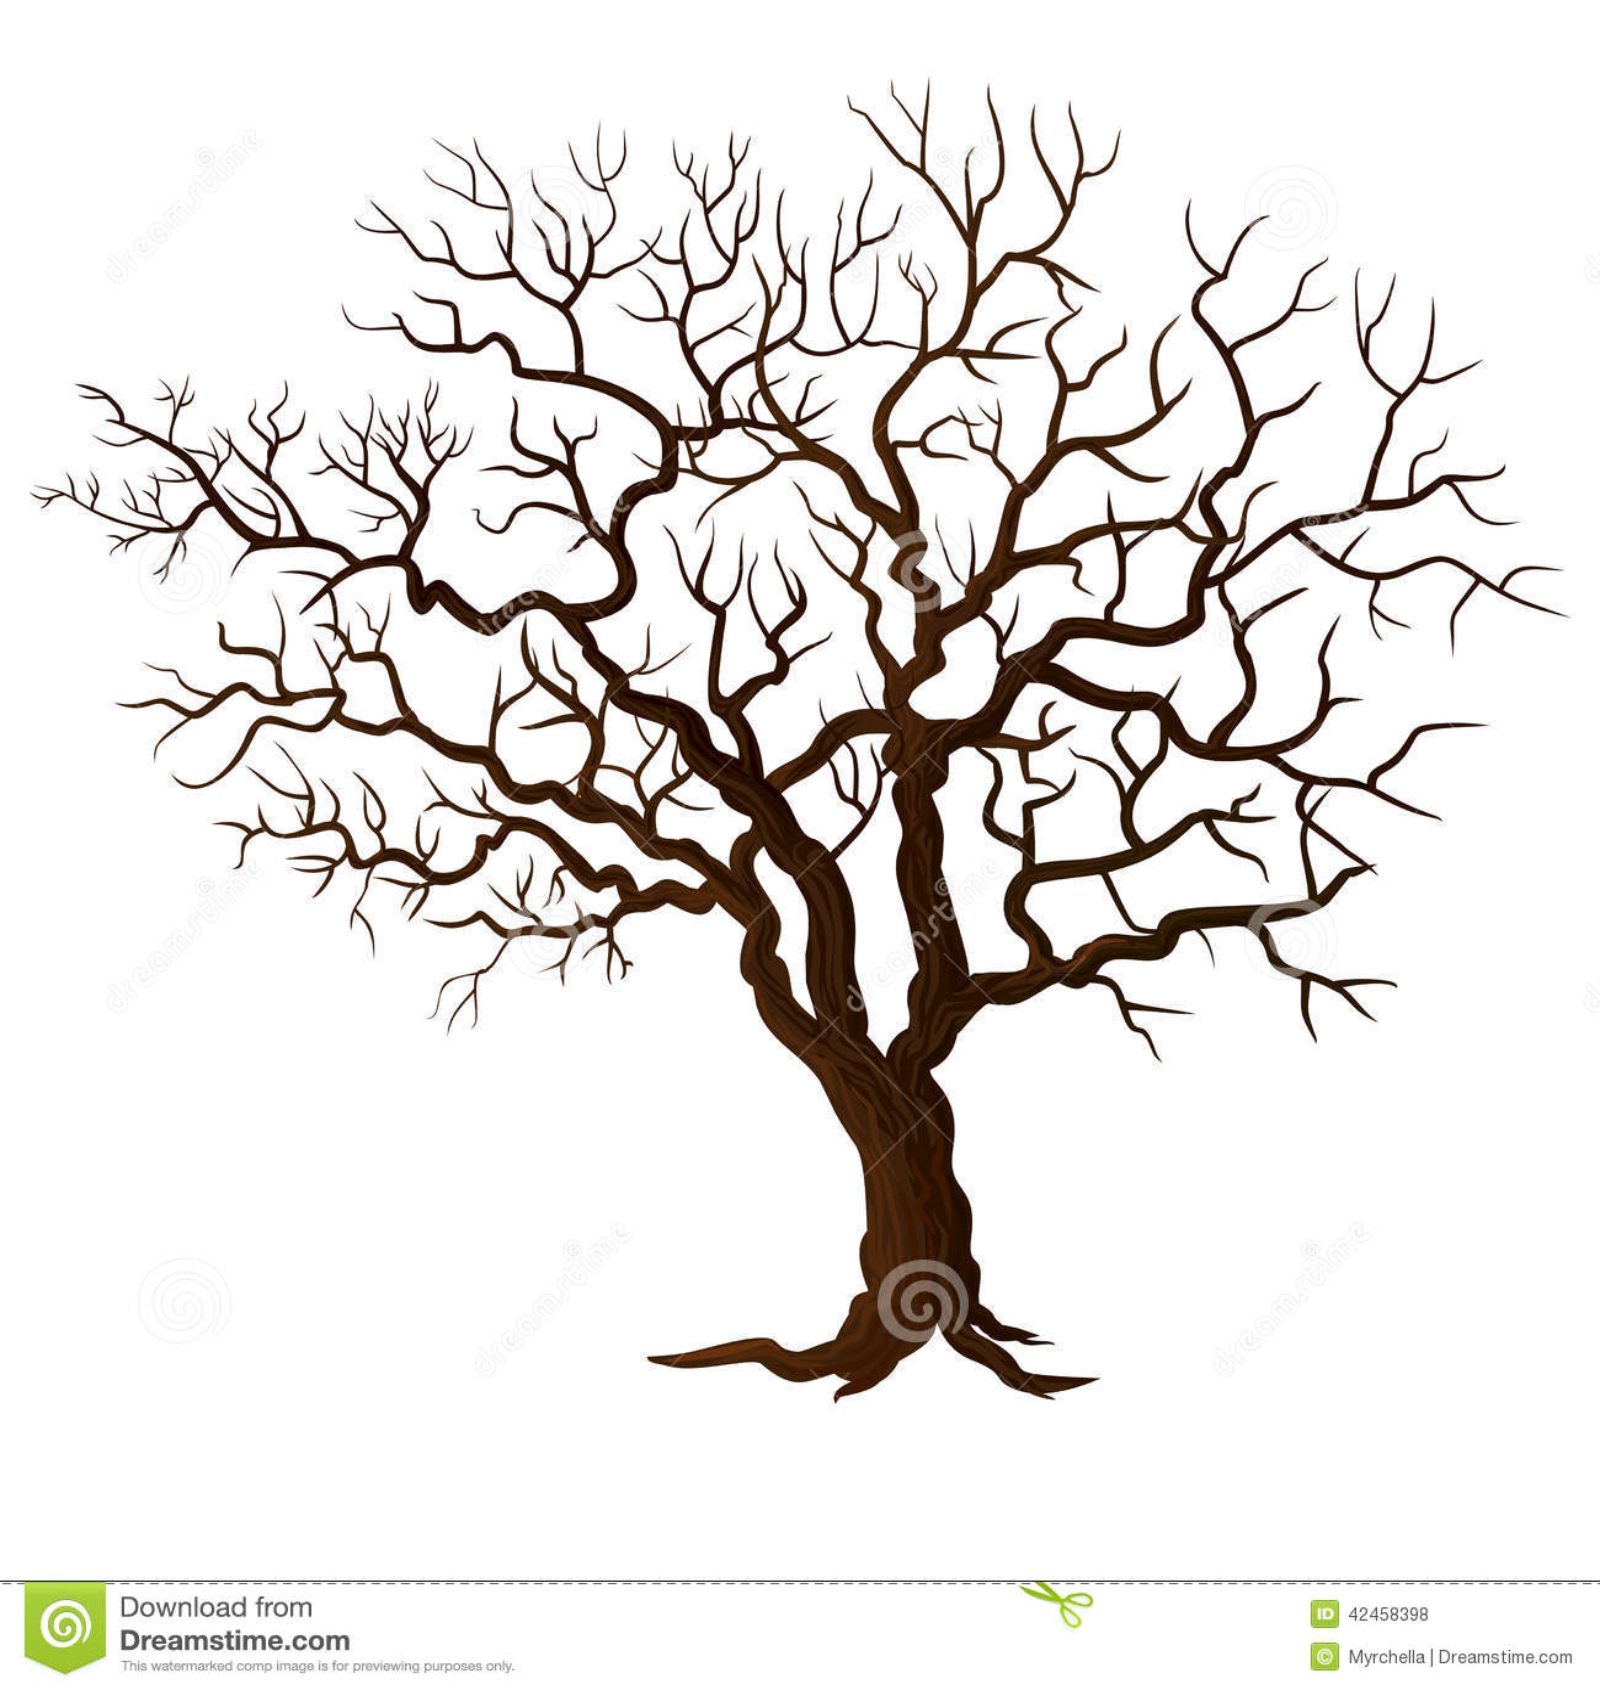 Ziemlich Baum Verlässt Vorlage Ideen - Beispielzusammenfassung Ideen ...